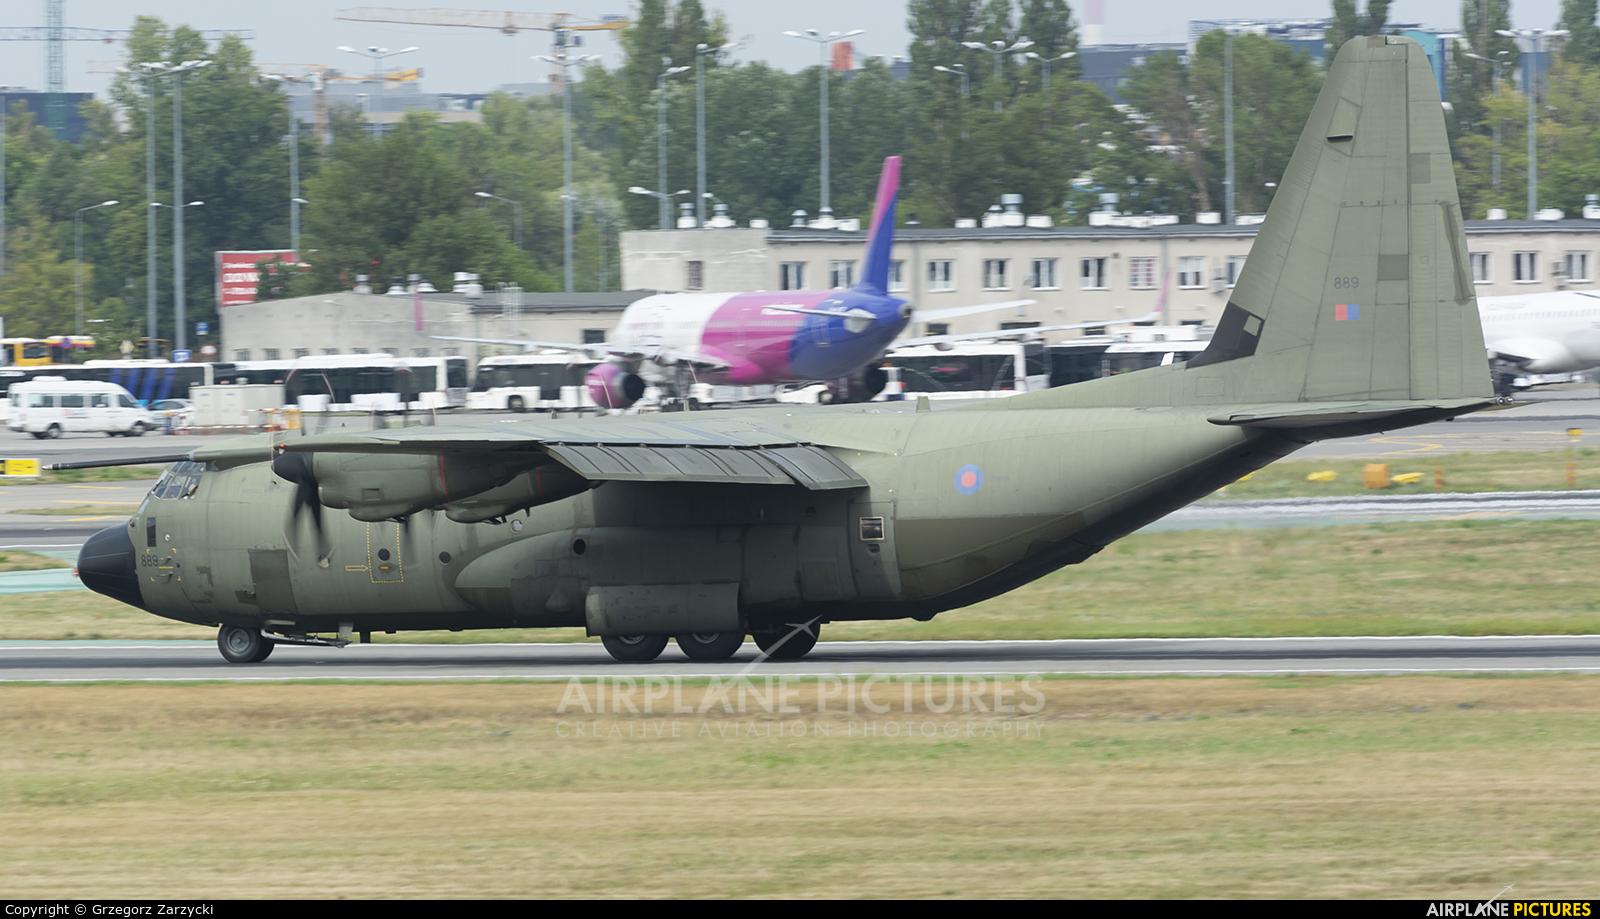 Royal Air Force ZH889 aircraft at Warsaw - Frederic Chopin